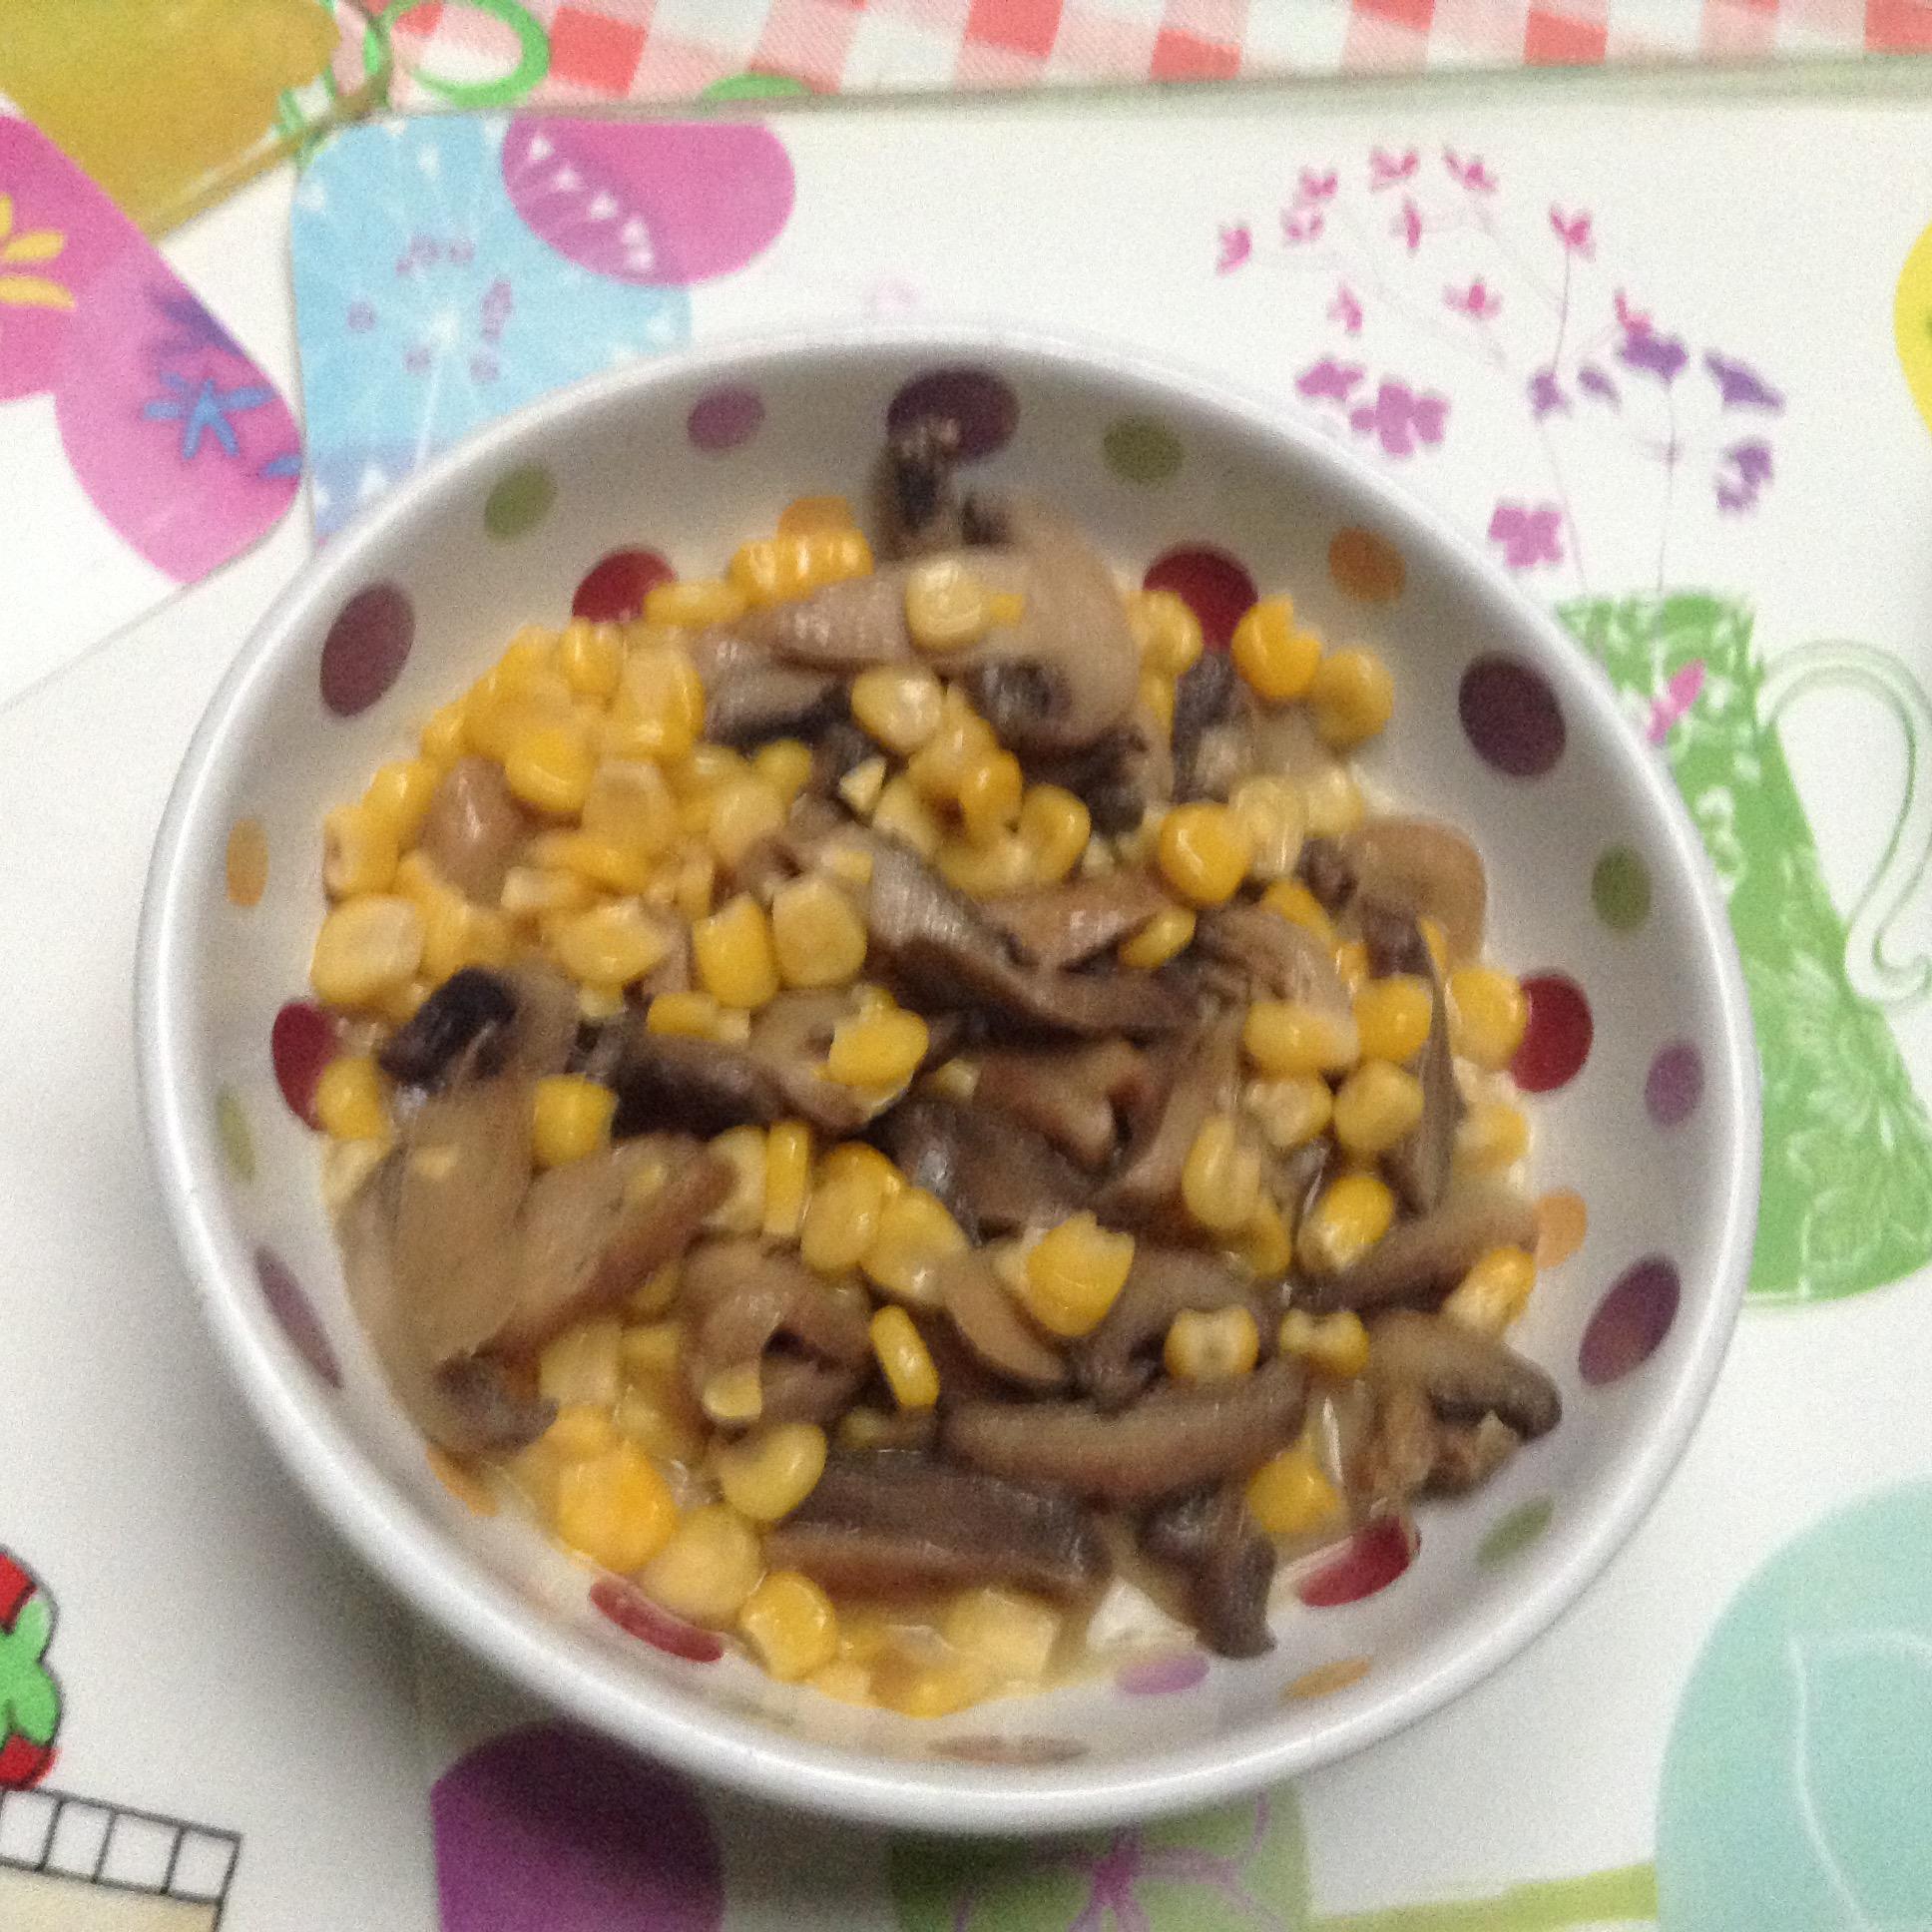 Sautéed Corn and Mushrooms